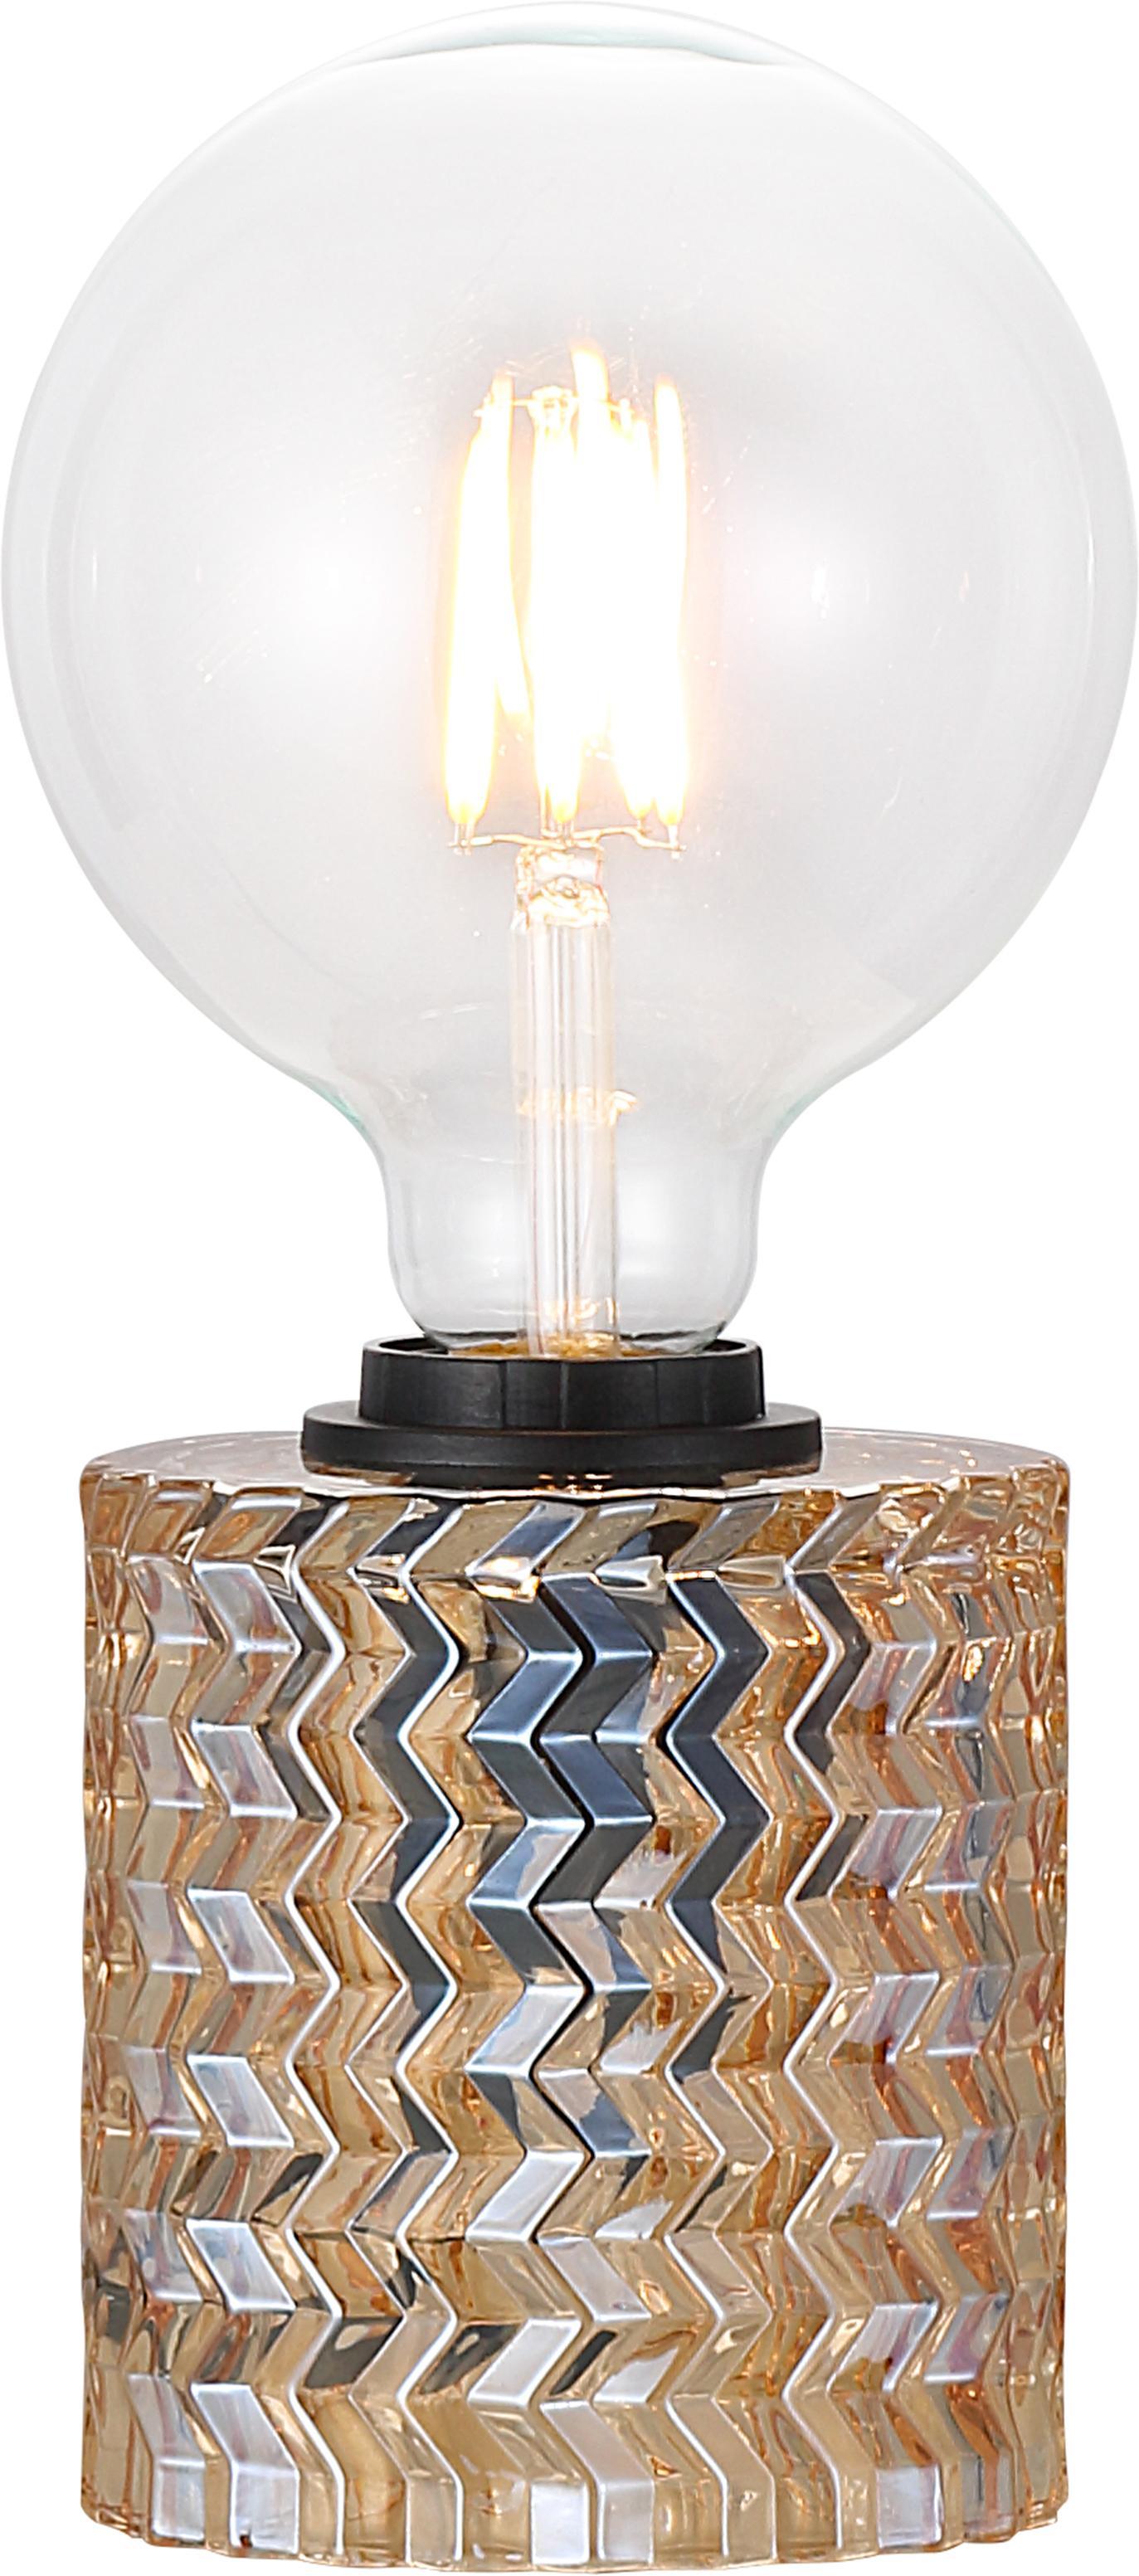 Tischlampe Hollywood aus Glas, Gold, Ø 11 x H 13 cm